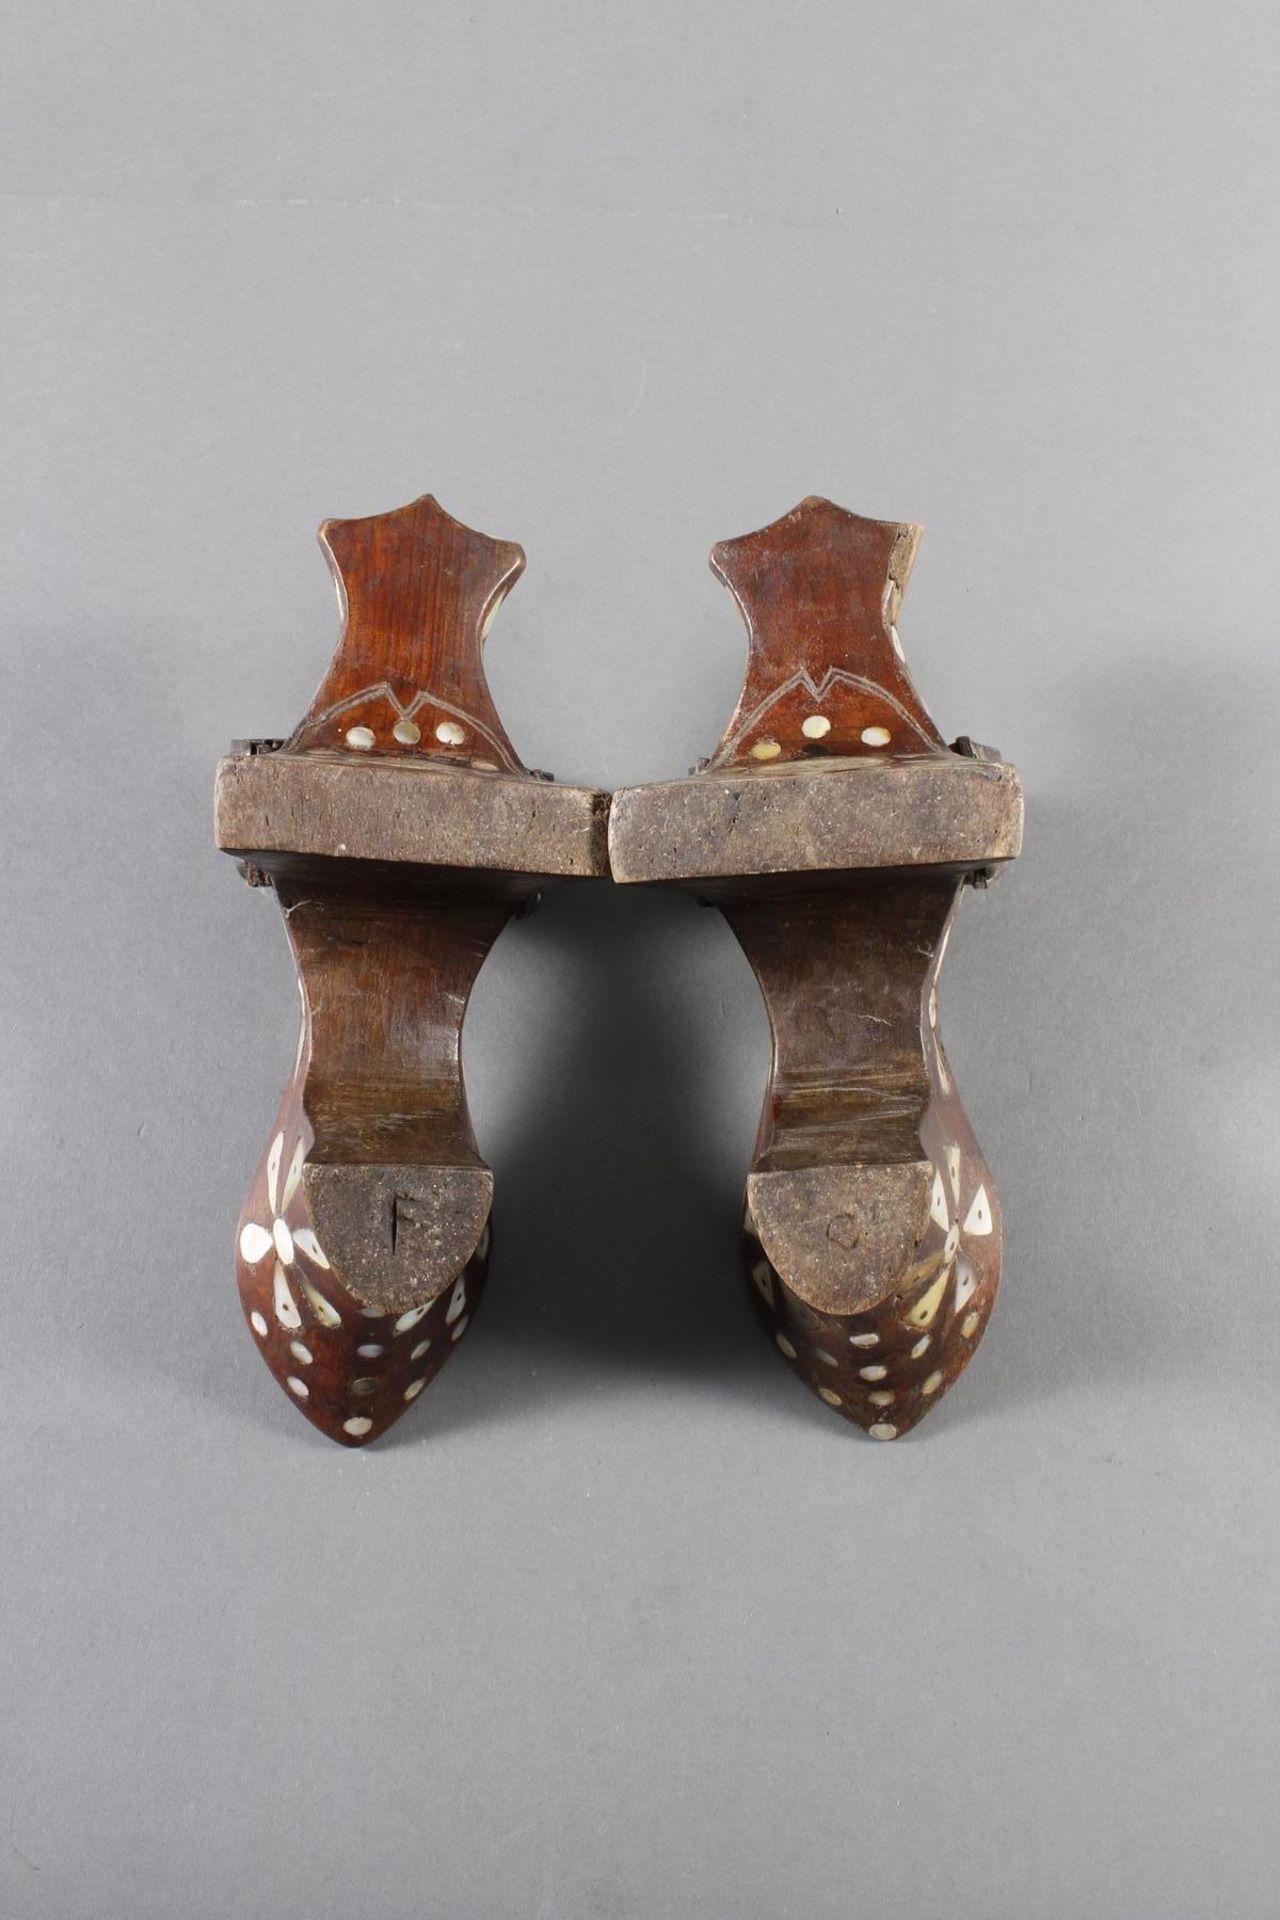 Stelzenschuh-Paar, China, 18. / 19. Jahrhundert - Bild 15 aus 15